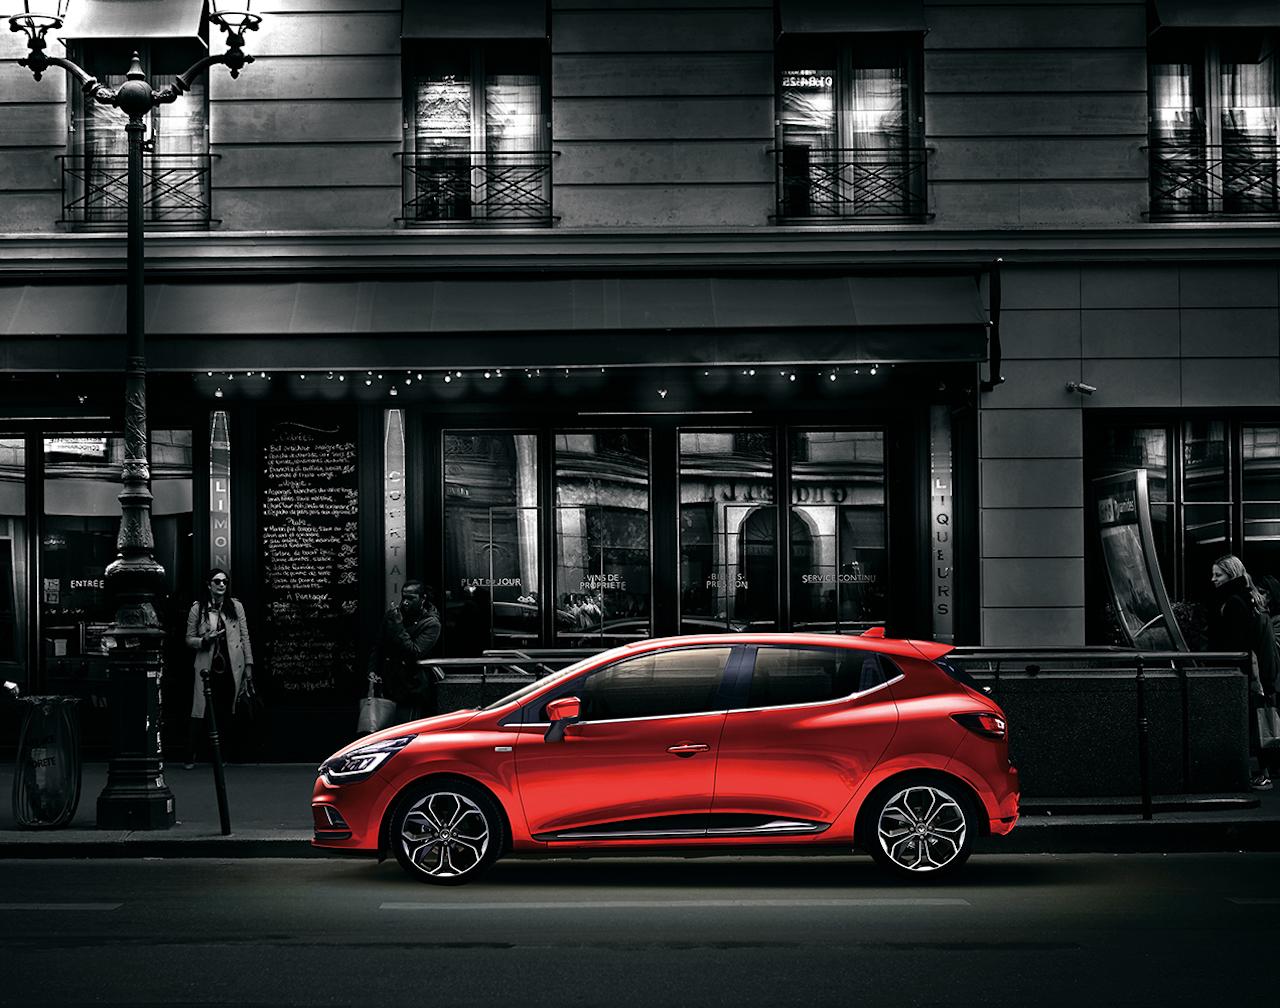 「【新車】情熱の赤をまとった「ルノー ルーテシア アイコニック」が40台限定で登場」の4枚目の画像